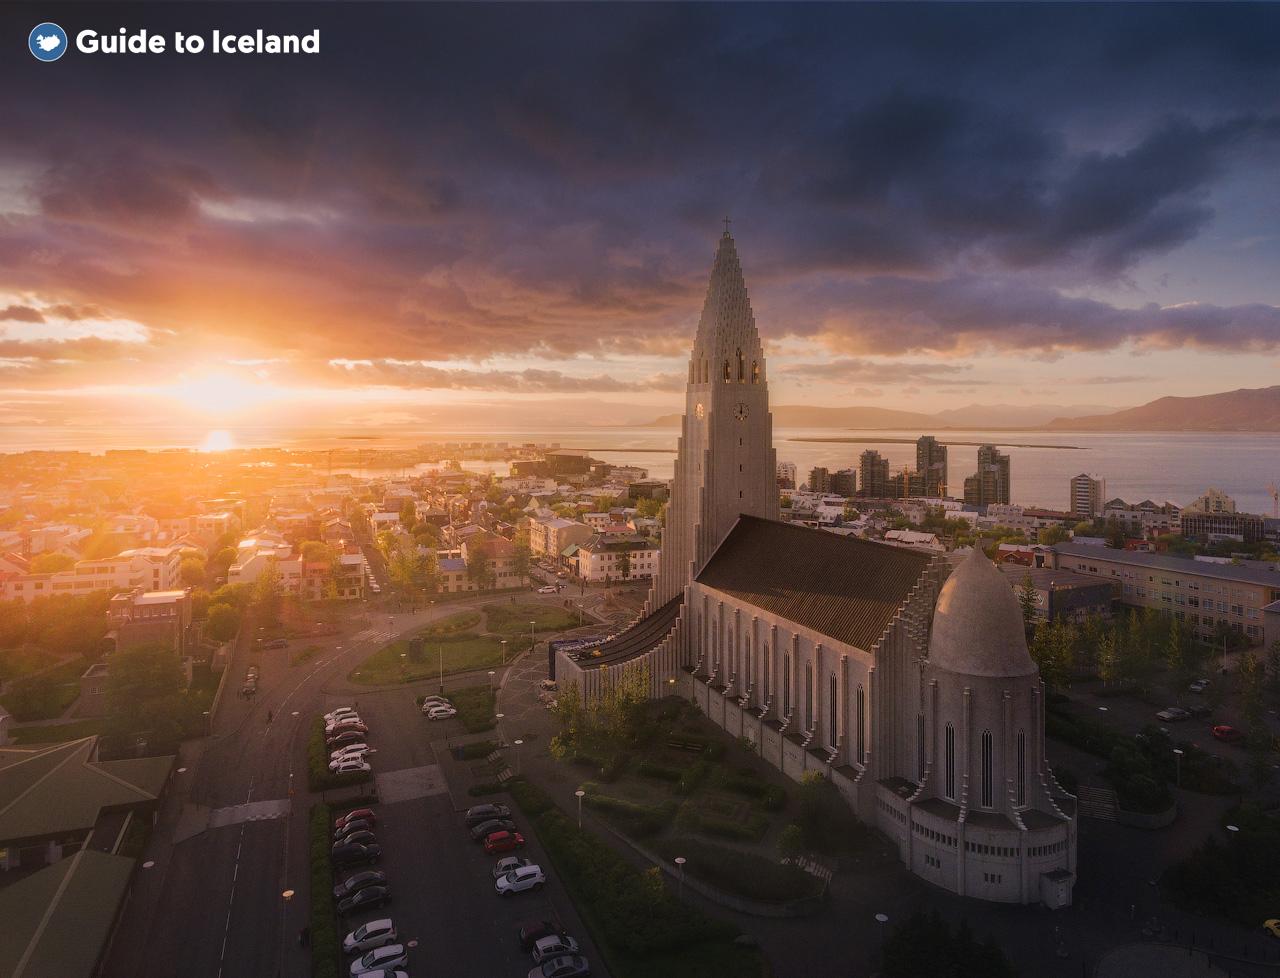 7 dni, samodzielna podróż | Wycieczka po Islandii wraz z interiorem - day 6